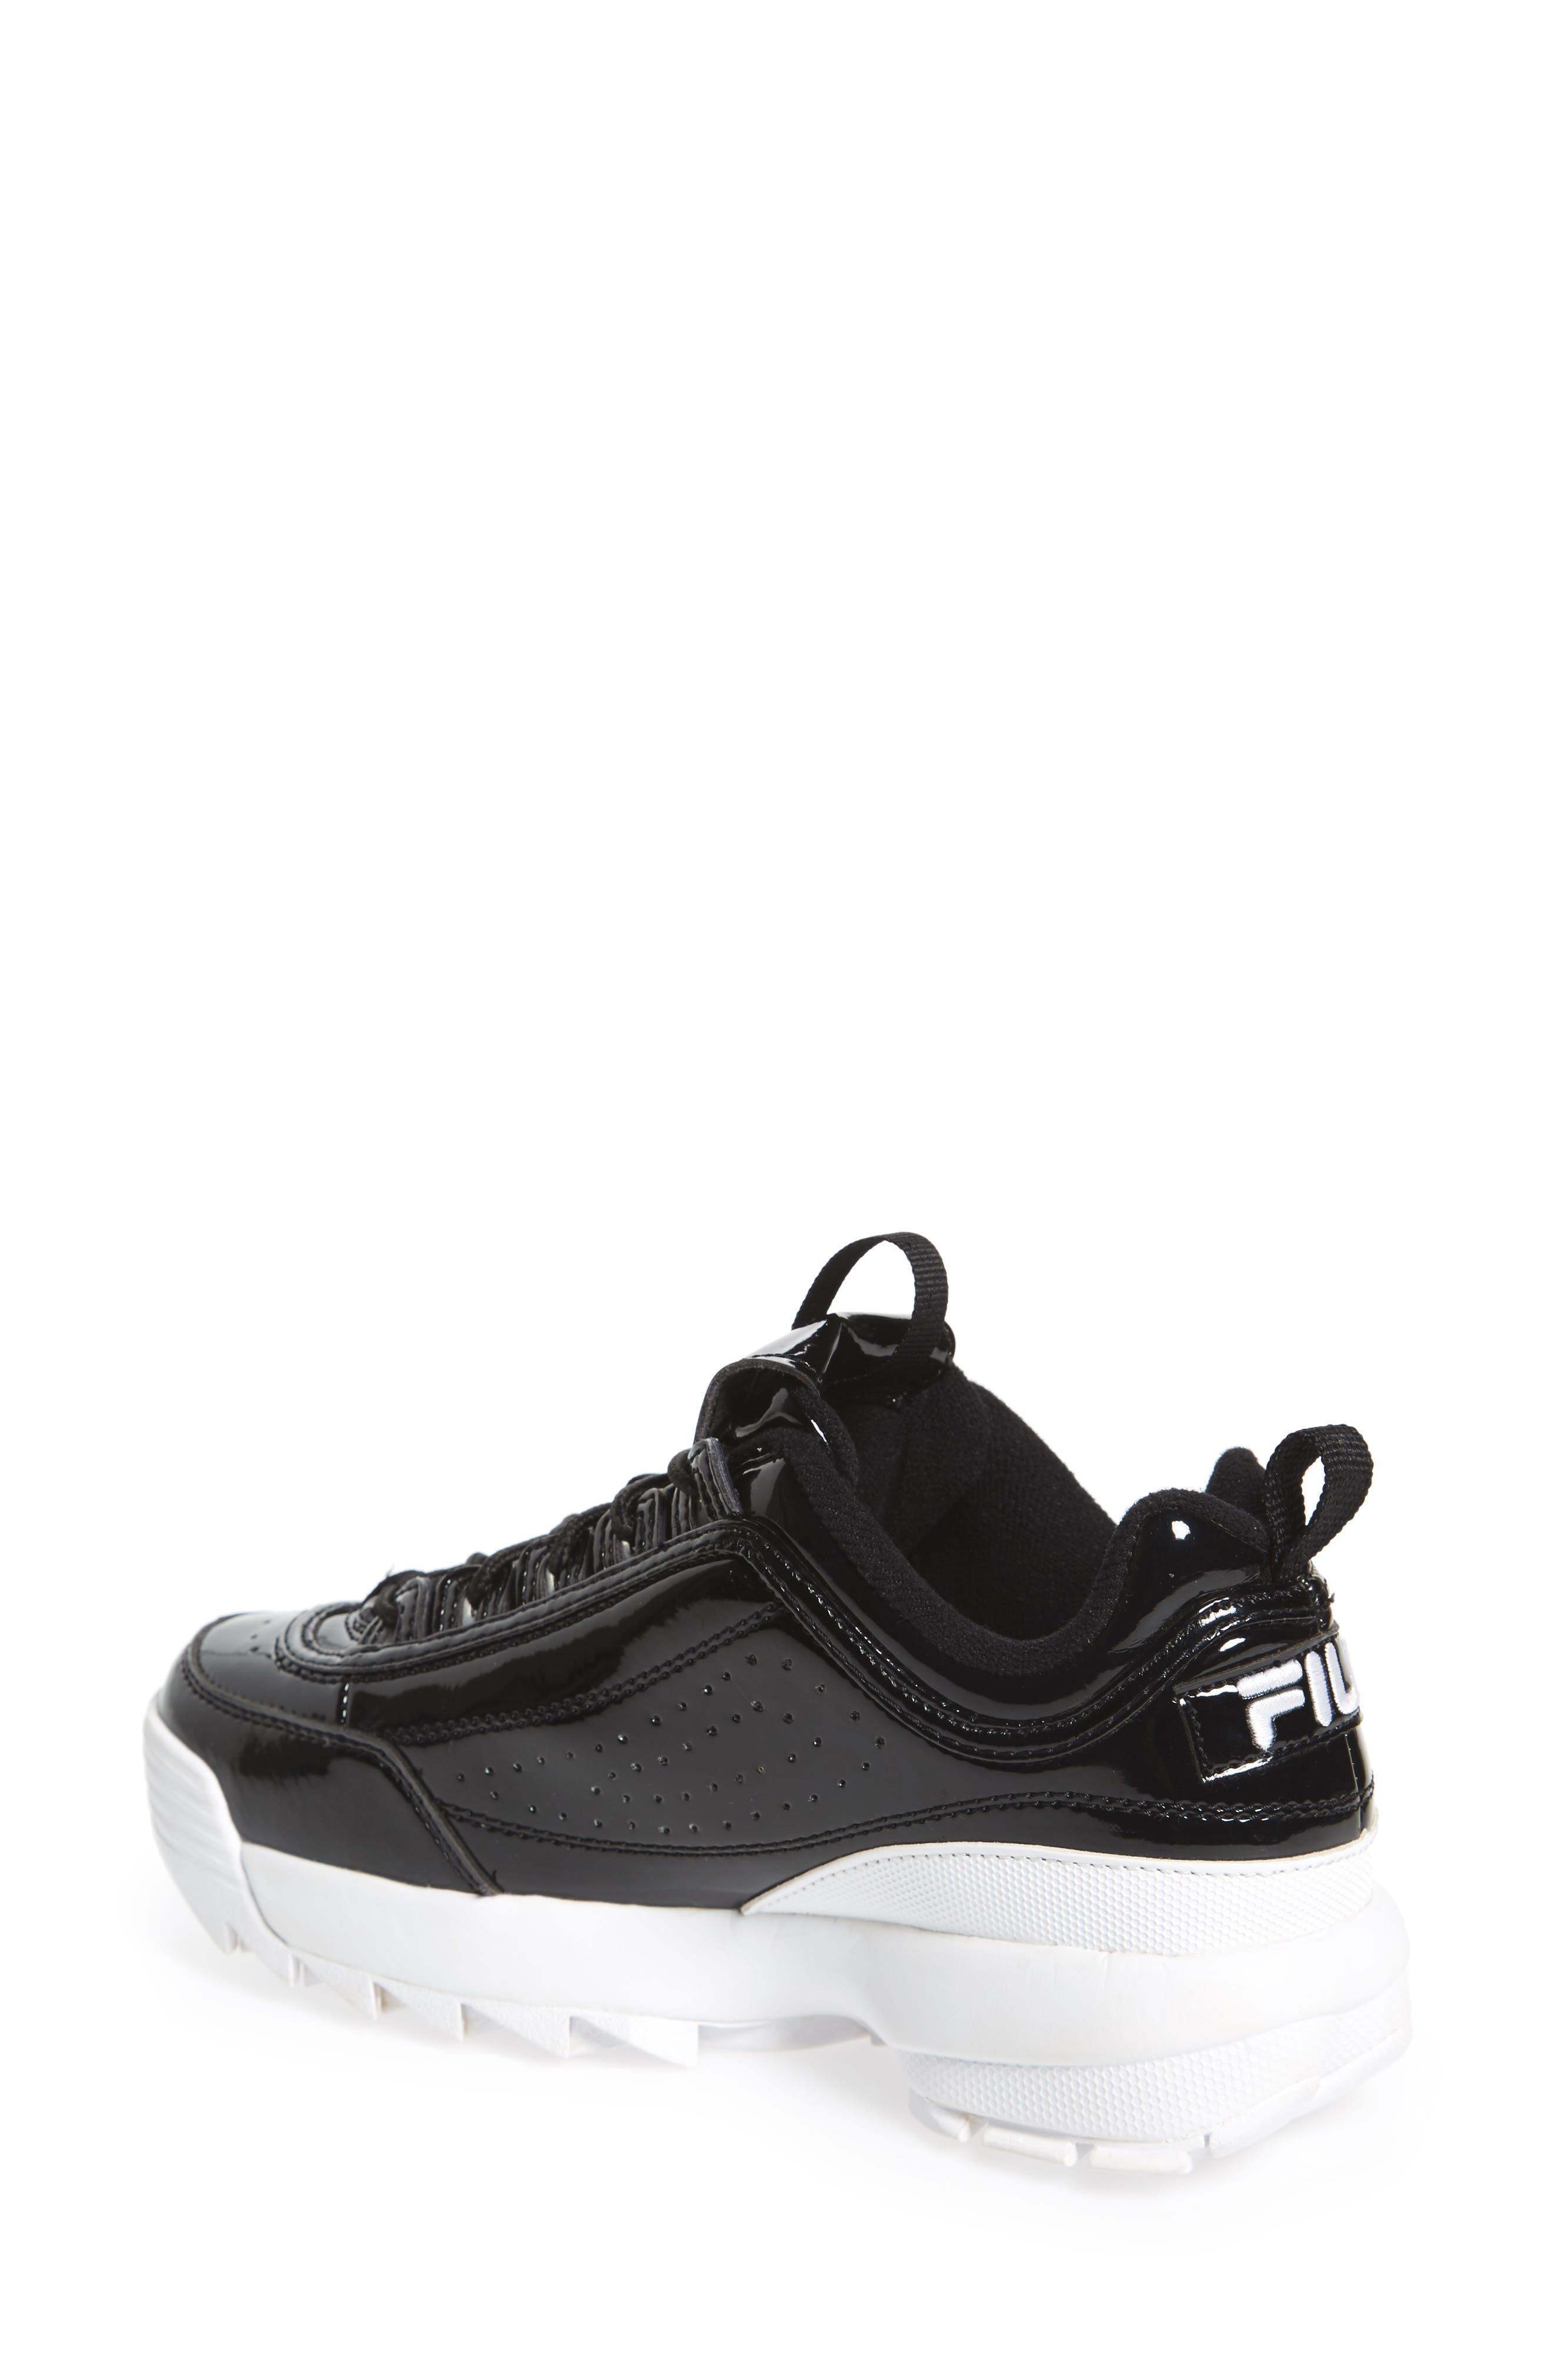 Disruptor II Premium Patent Sneaker,                             Alternate thumbnail 2, color,                             014